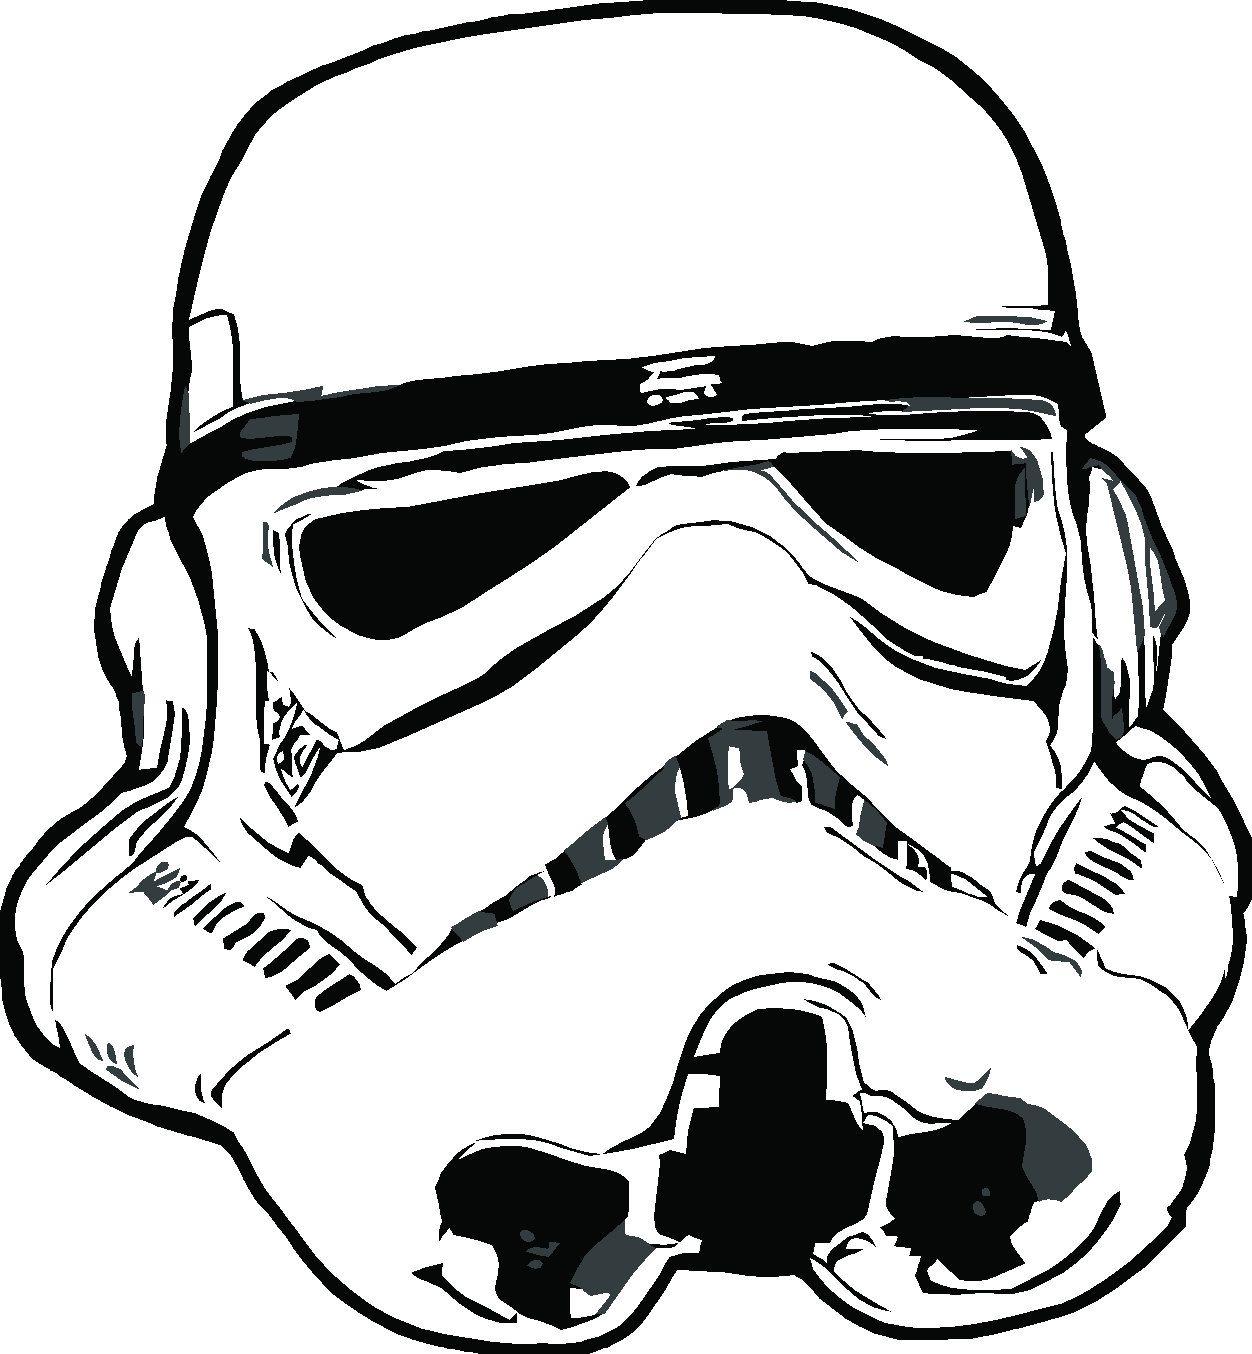 Star Wars Stormtrooper Helmet Drawing At Getdrawings